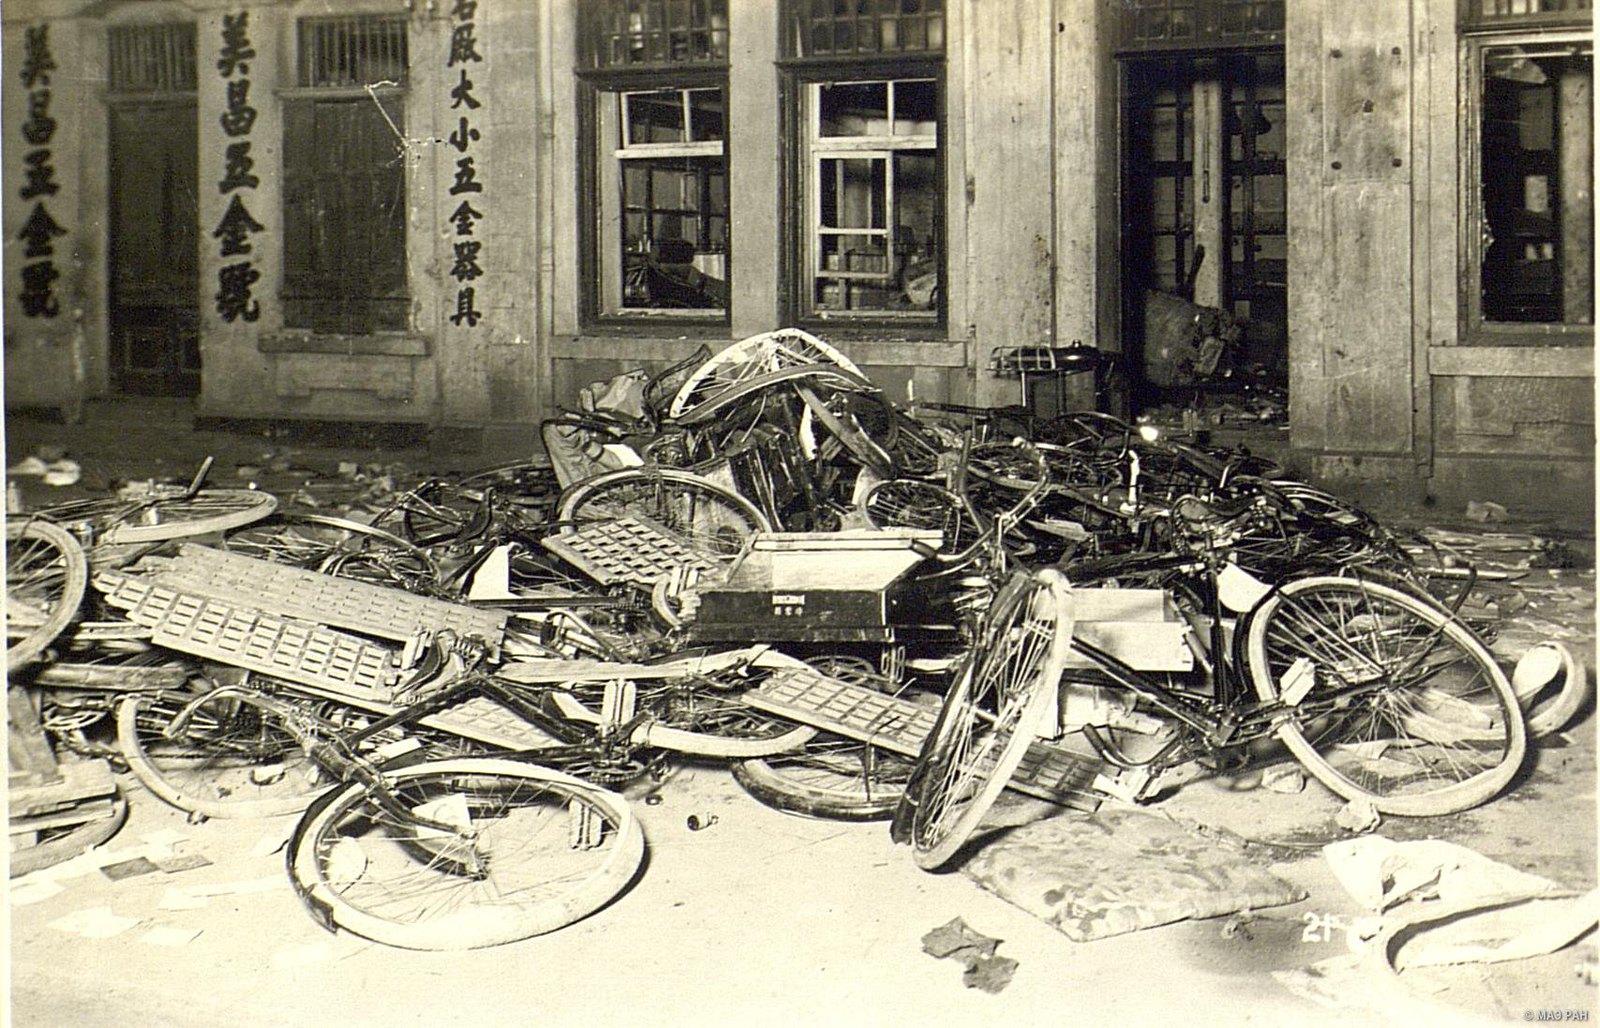 Велосипедная мастерская в японском квартале, разгромленная восставшими кули